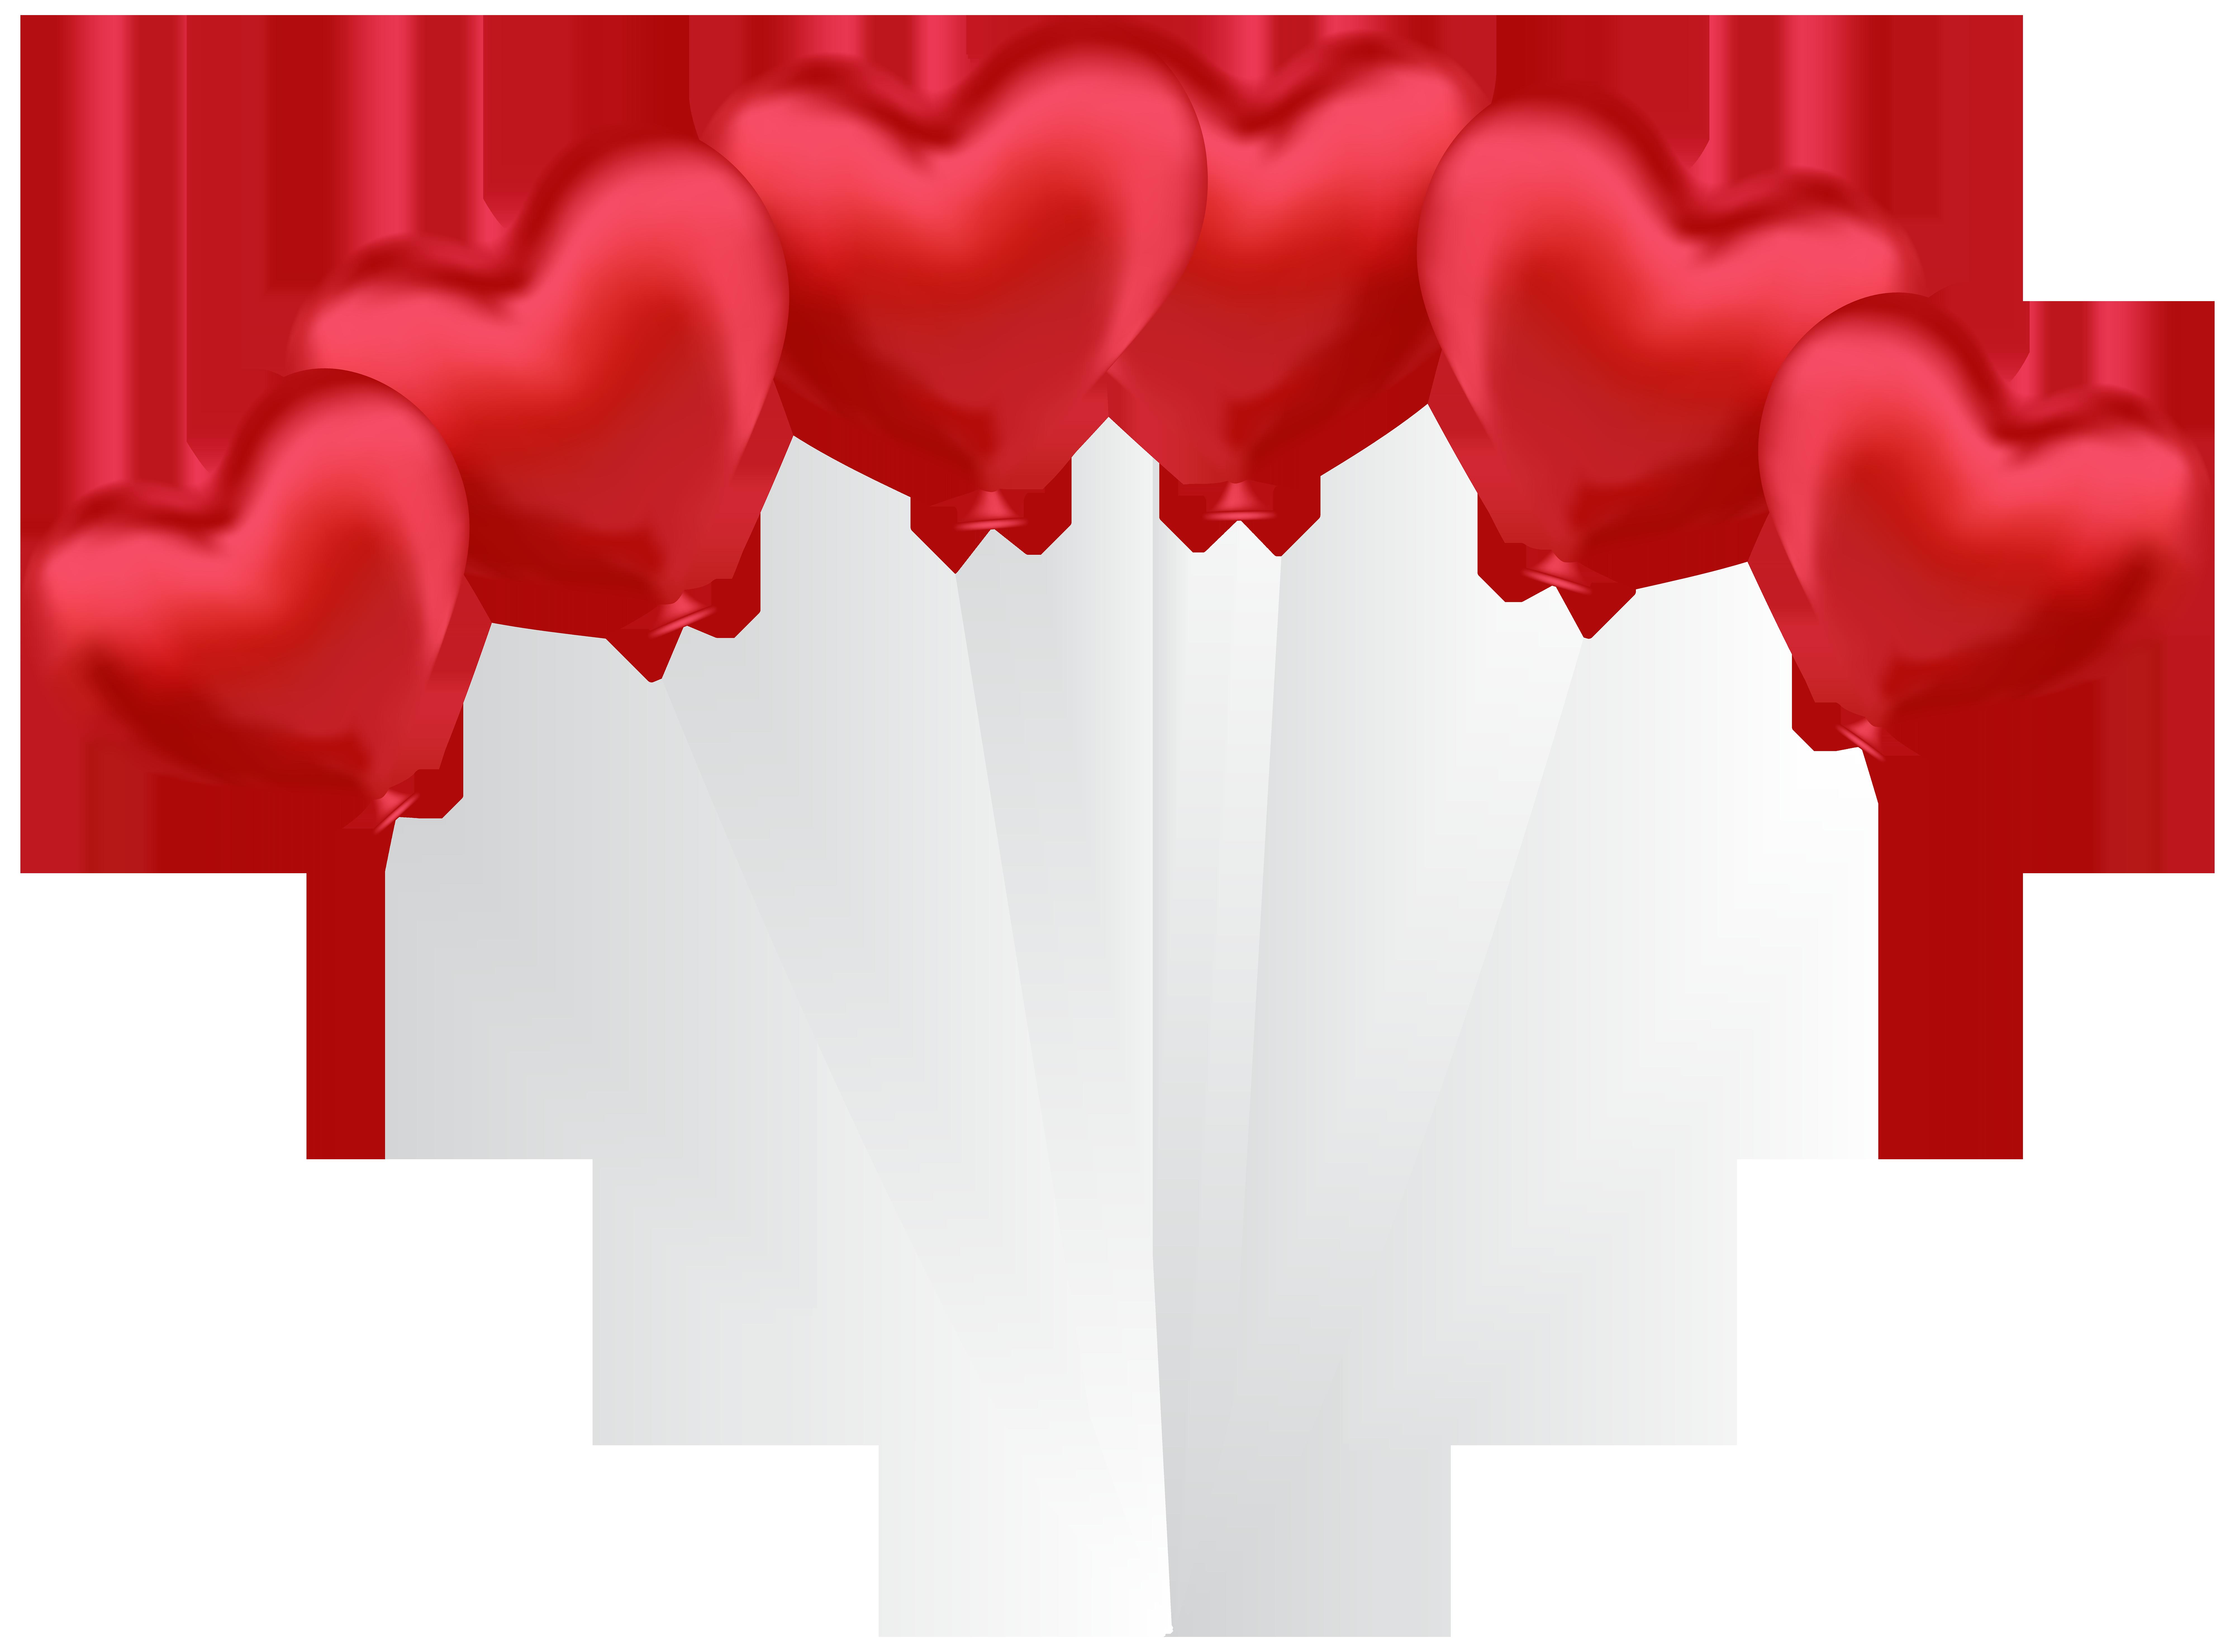 Heart balloons transparent png. Clipart balloon thanksgiving